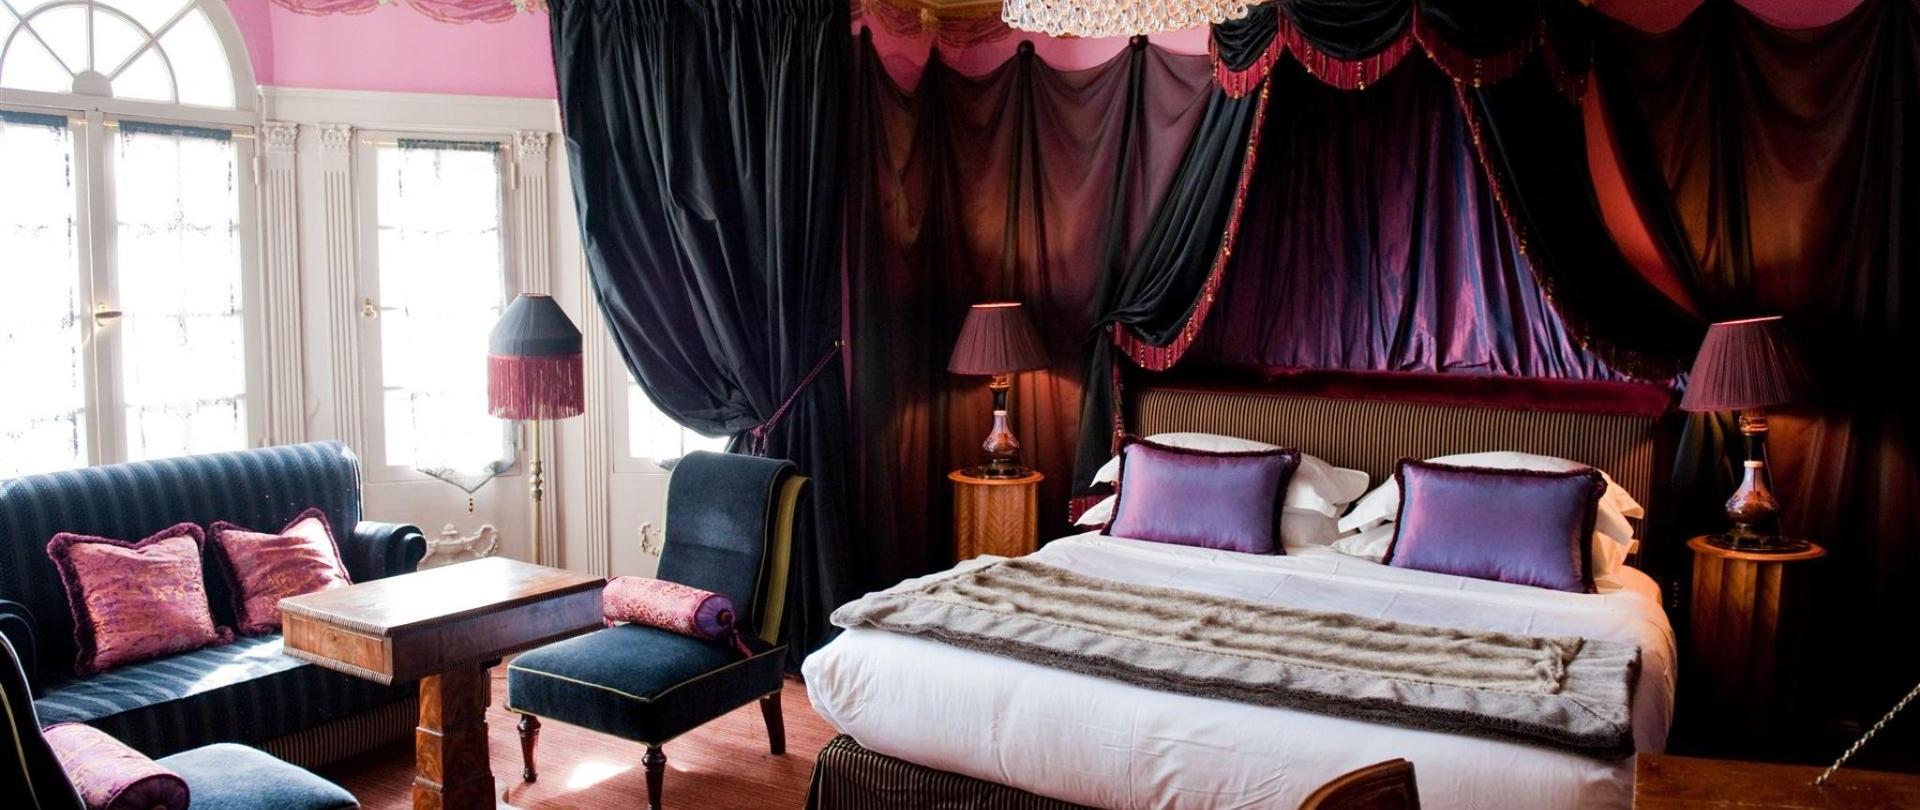 Chic Room.jpg